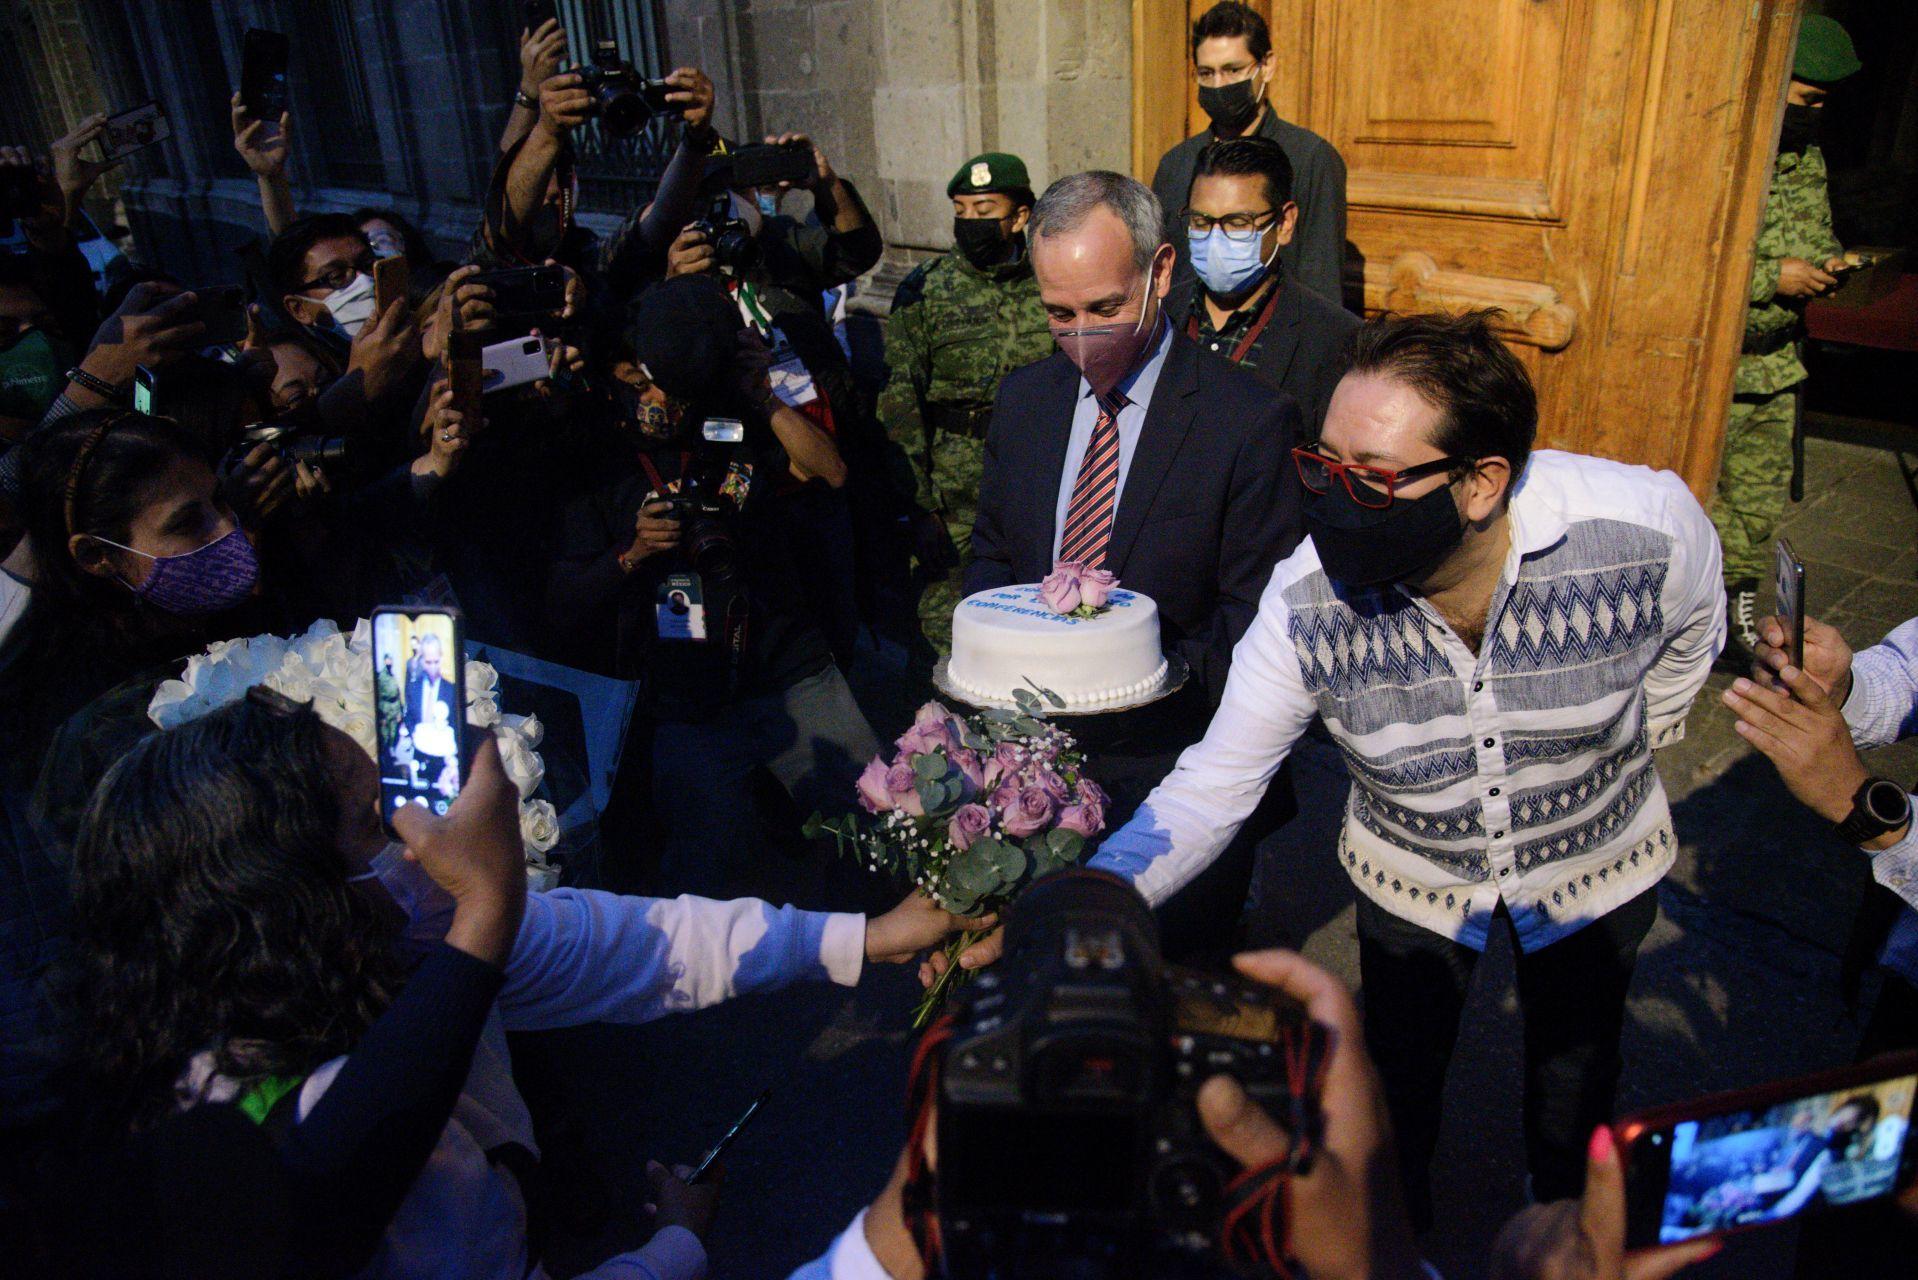 ¡Fin a las conferencias sobre COVID-19! Fans despiden a López-Gatell con pastel, flores y hasta mariachi